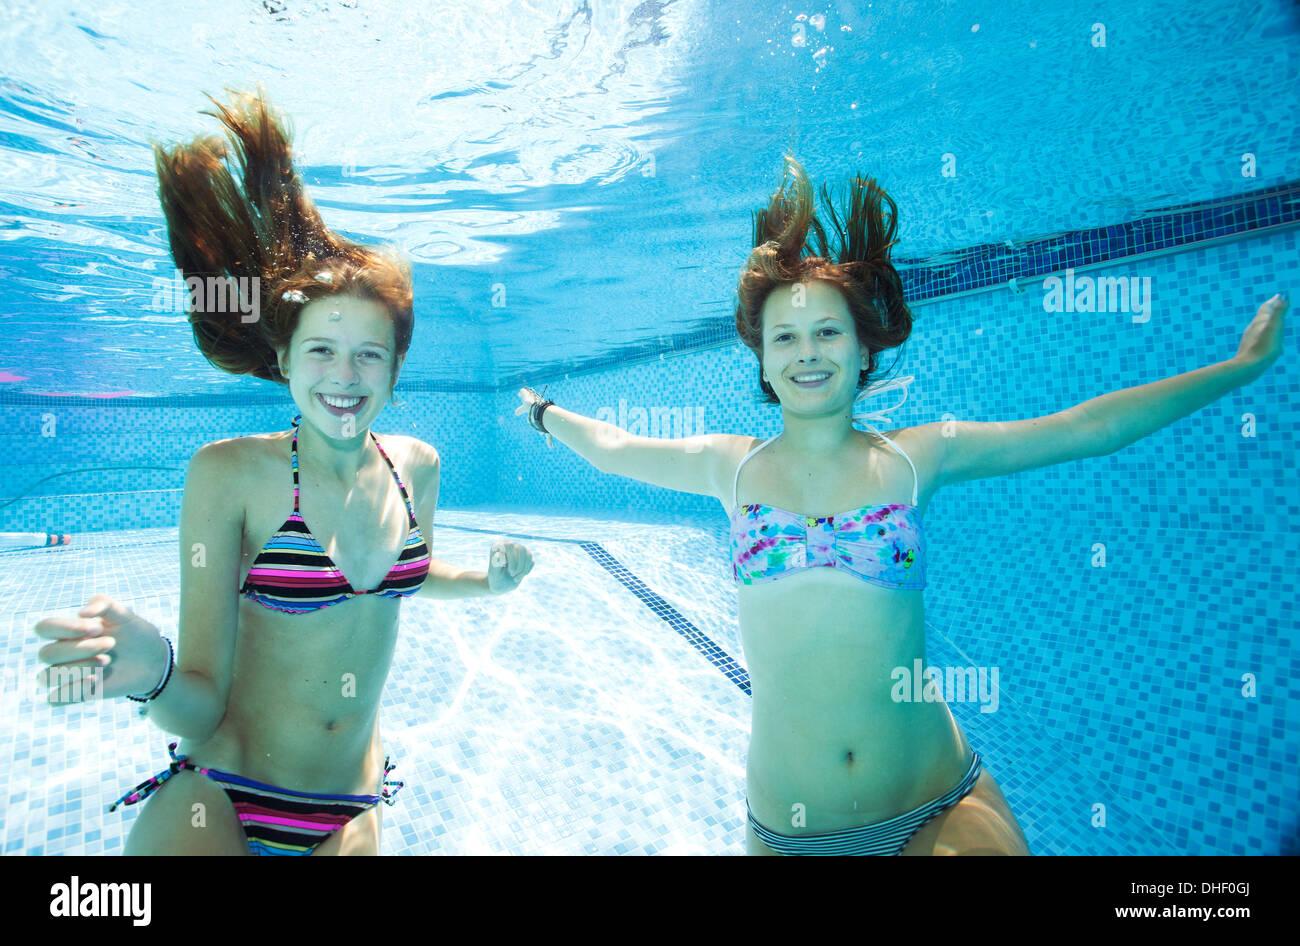 Dos chicas adolescentes nadar en piscina Imagen De Stock